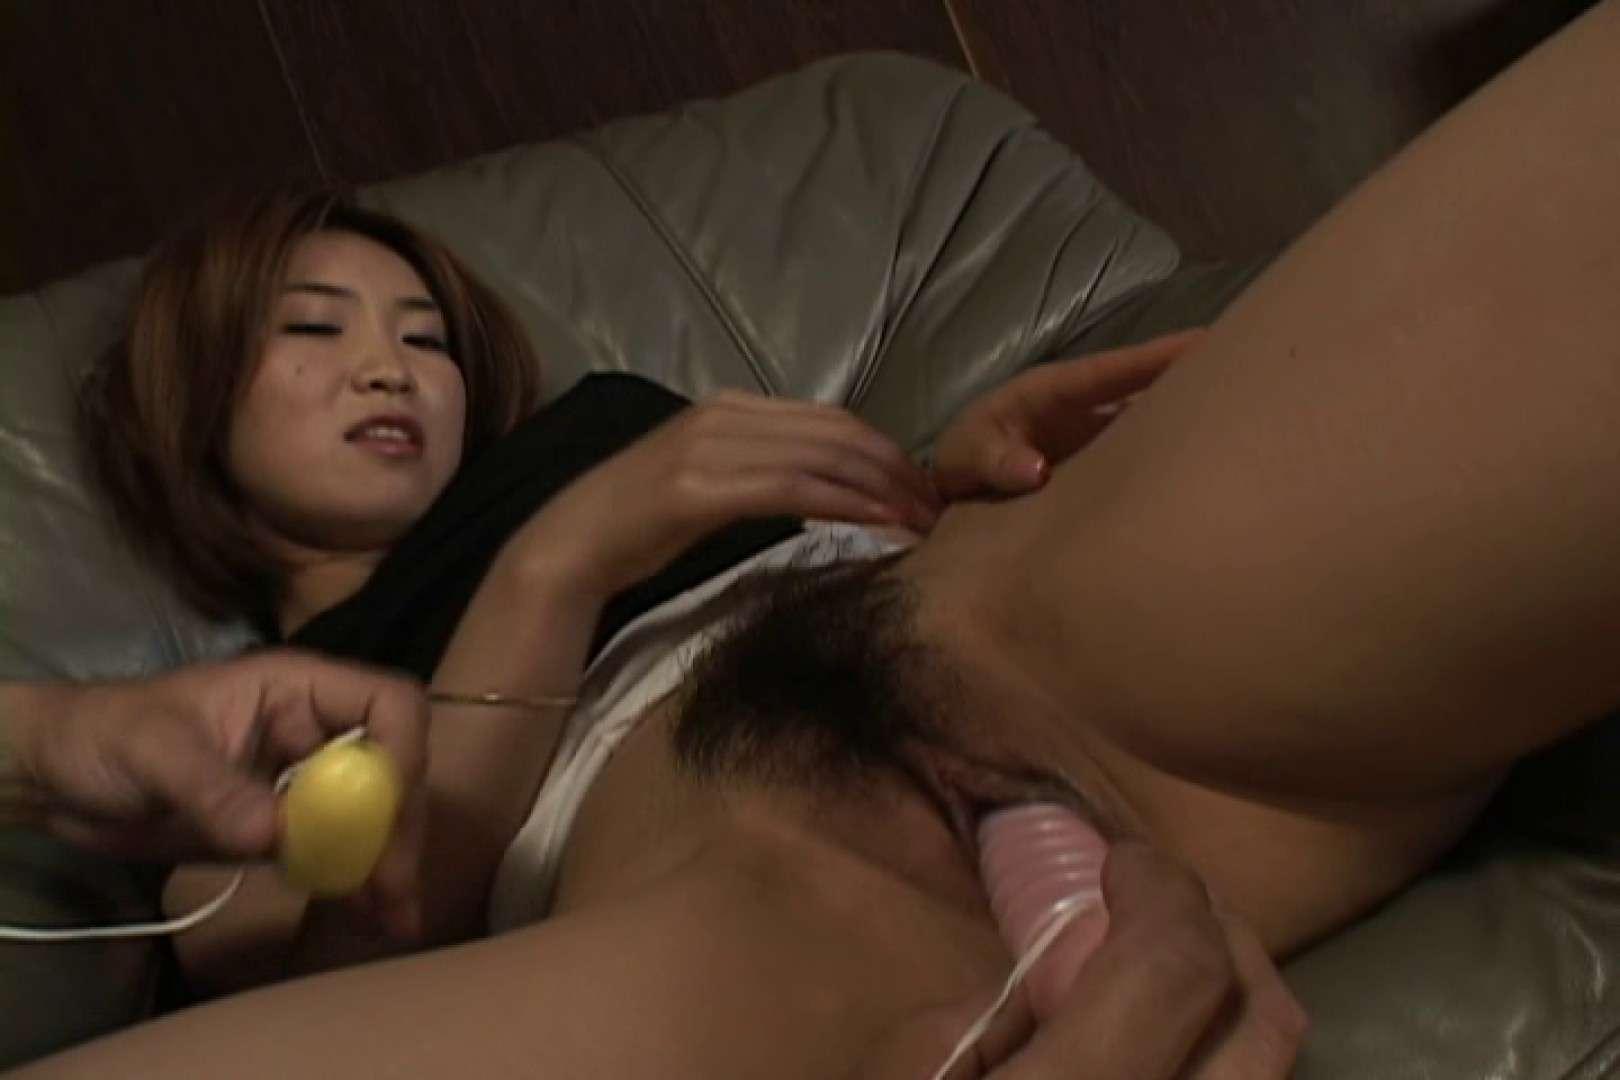 昼間の奥様は欲求不満 ~桜田&小山~ ローター | 熟女のエッチ  104pic 101